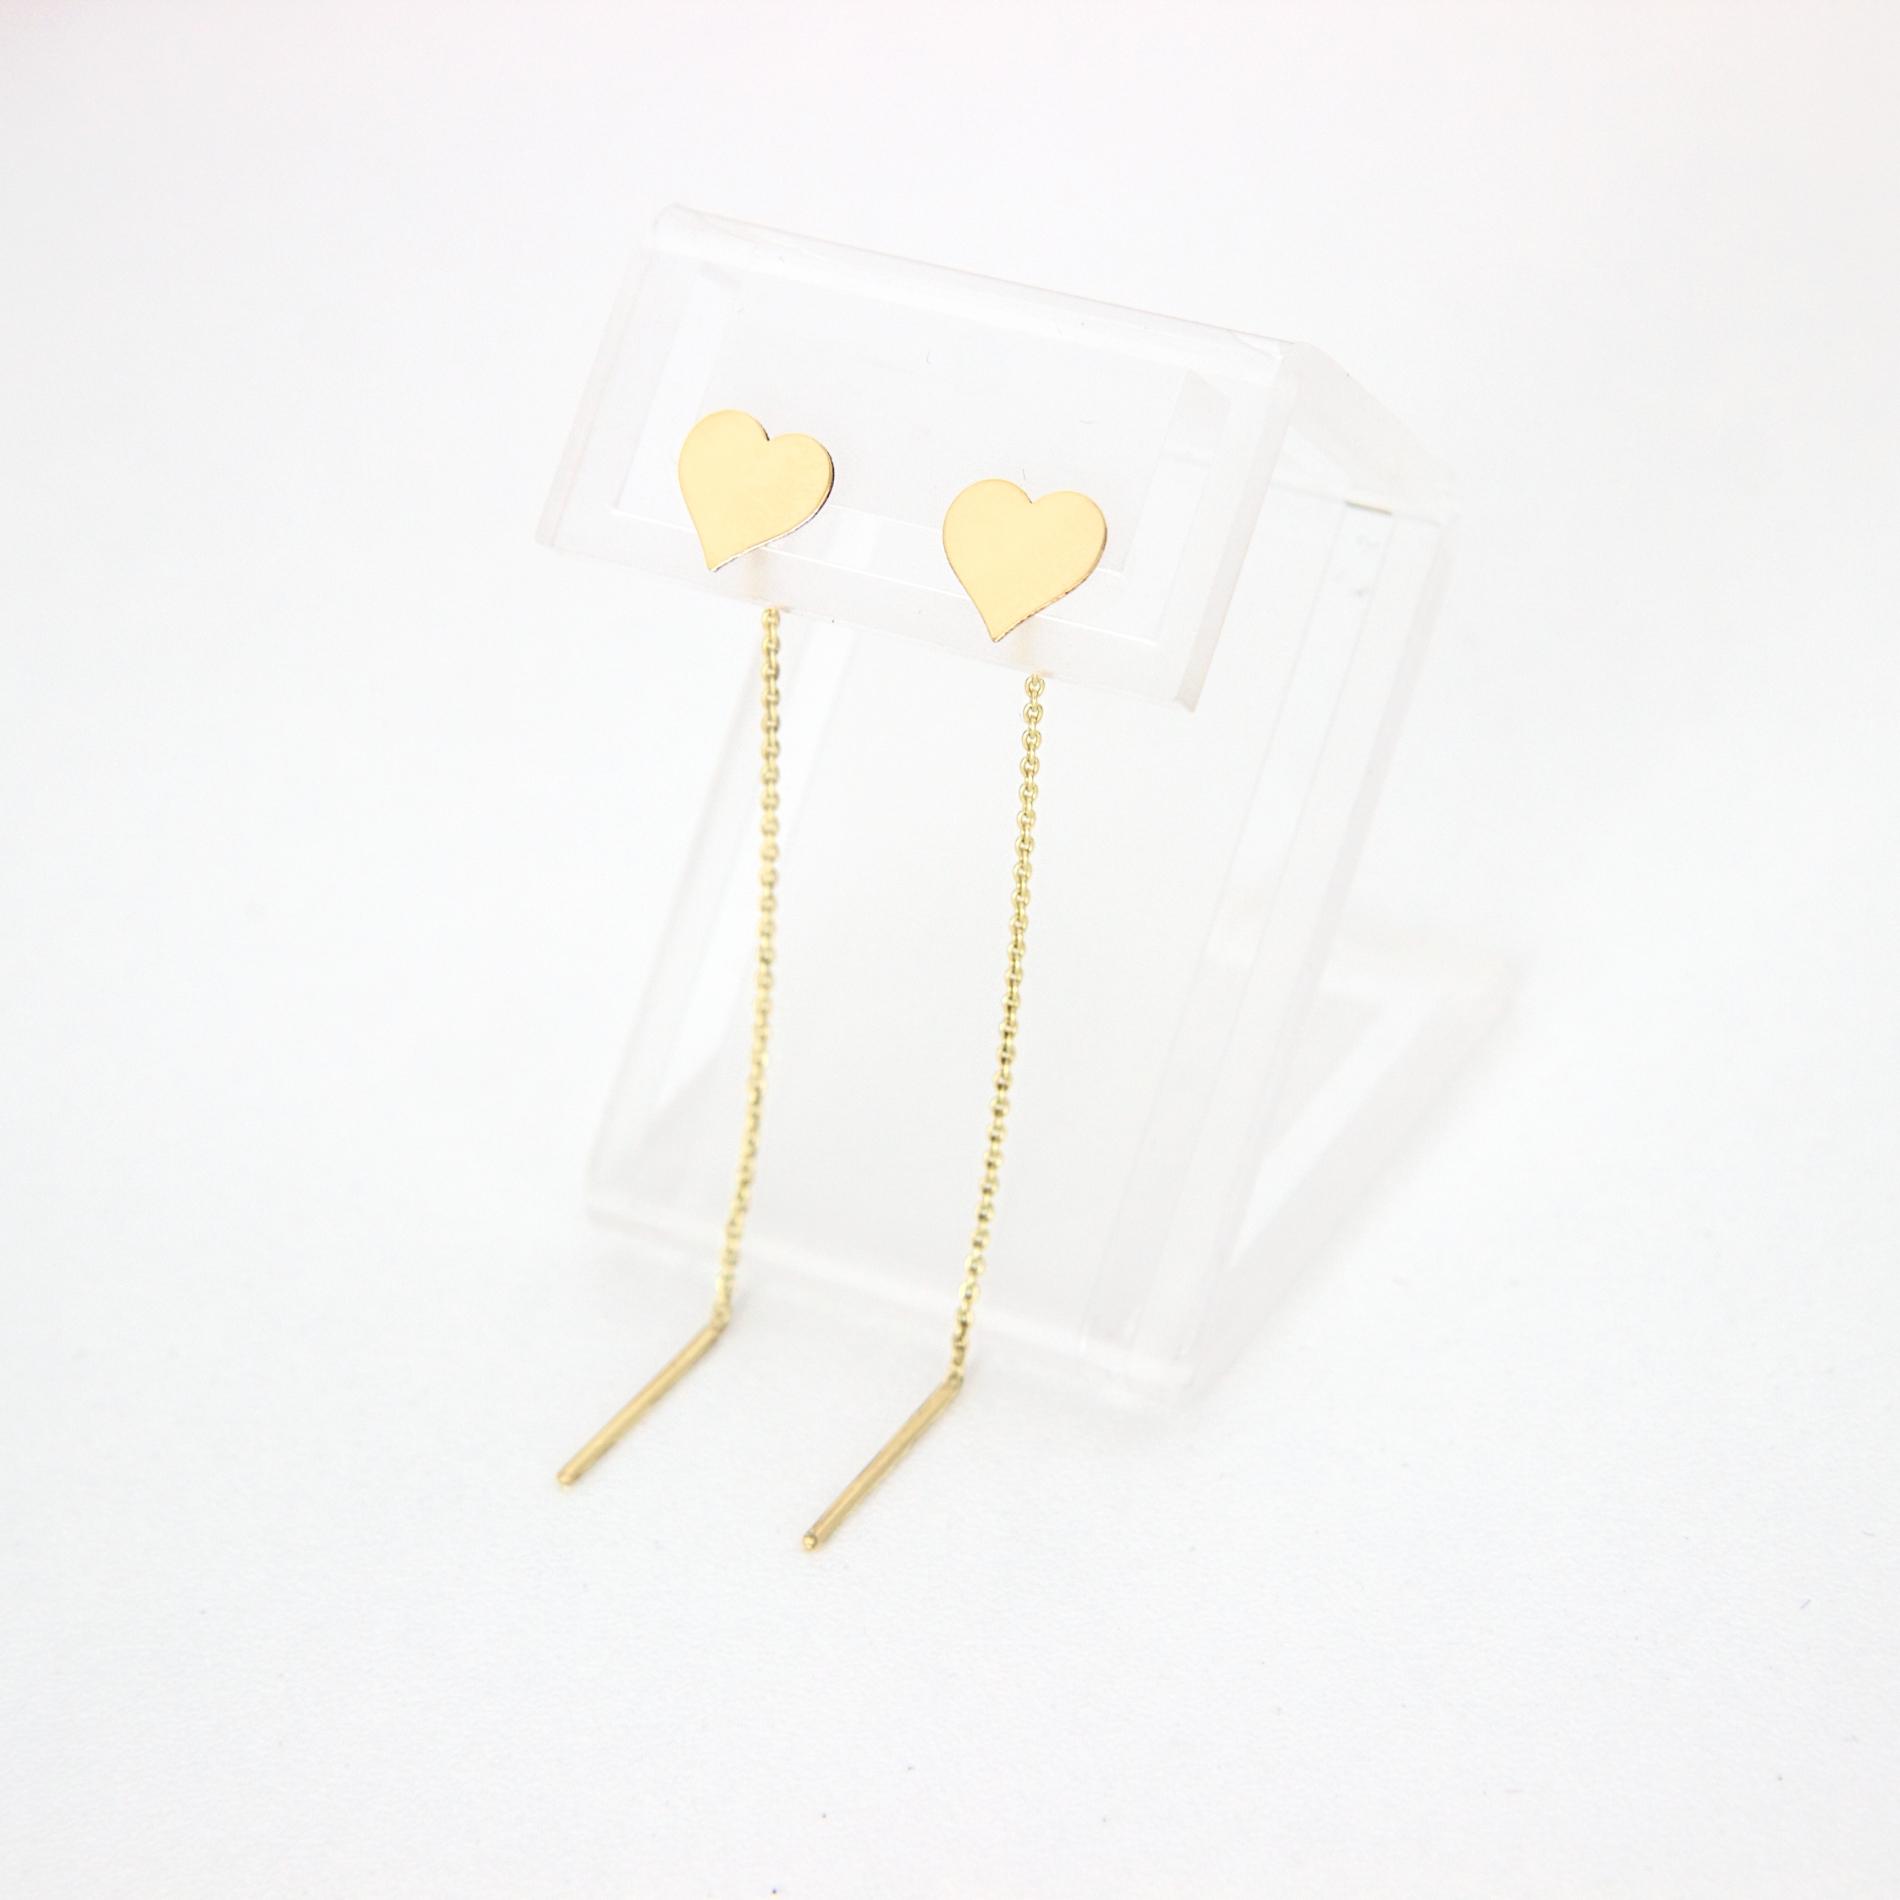 Cercei lungi cu lant model inima aur 14K pentru dama